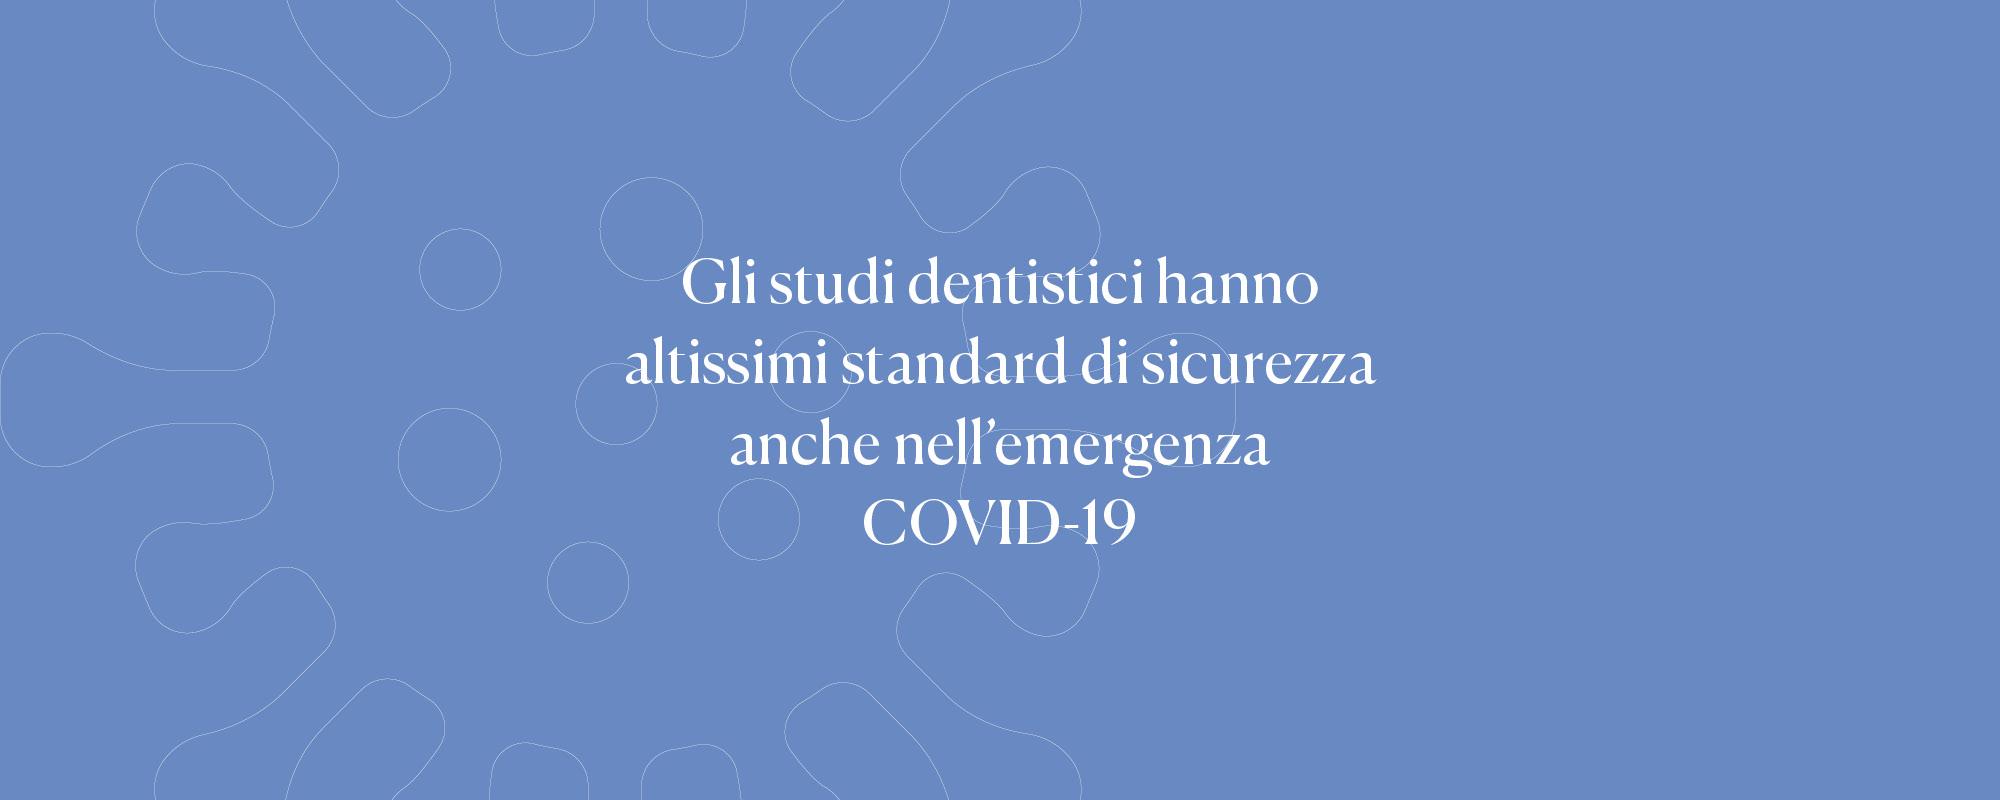 Emergenza COVID-19: è sicuro andare dal dentista?